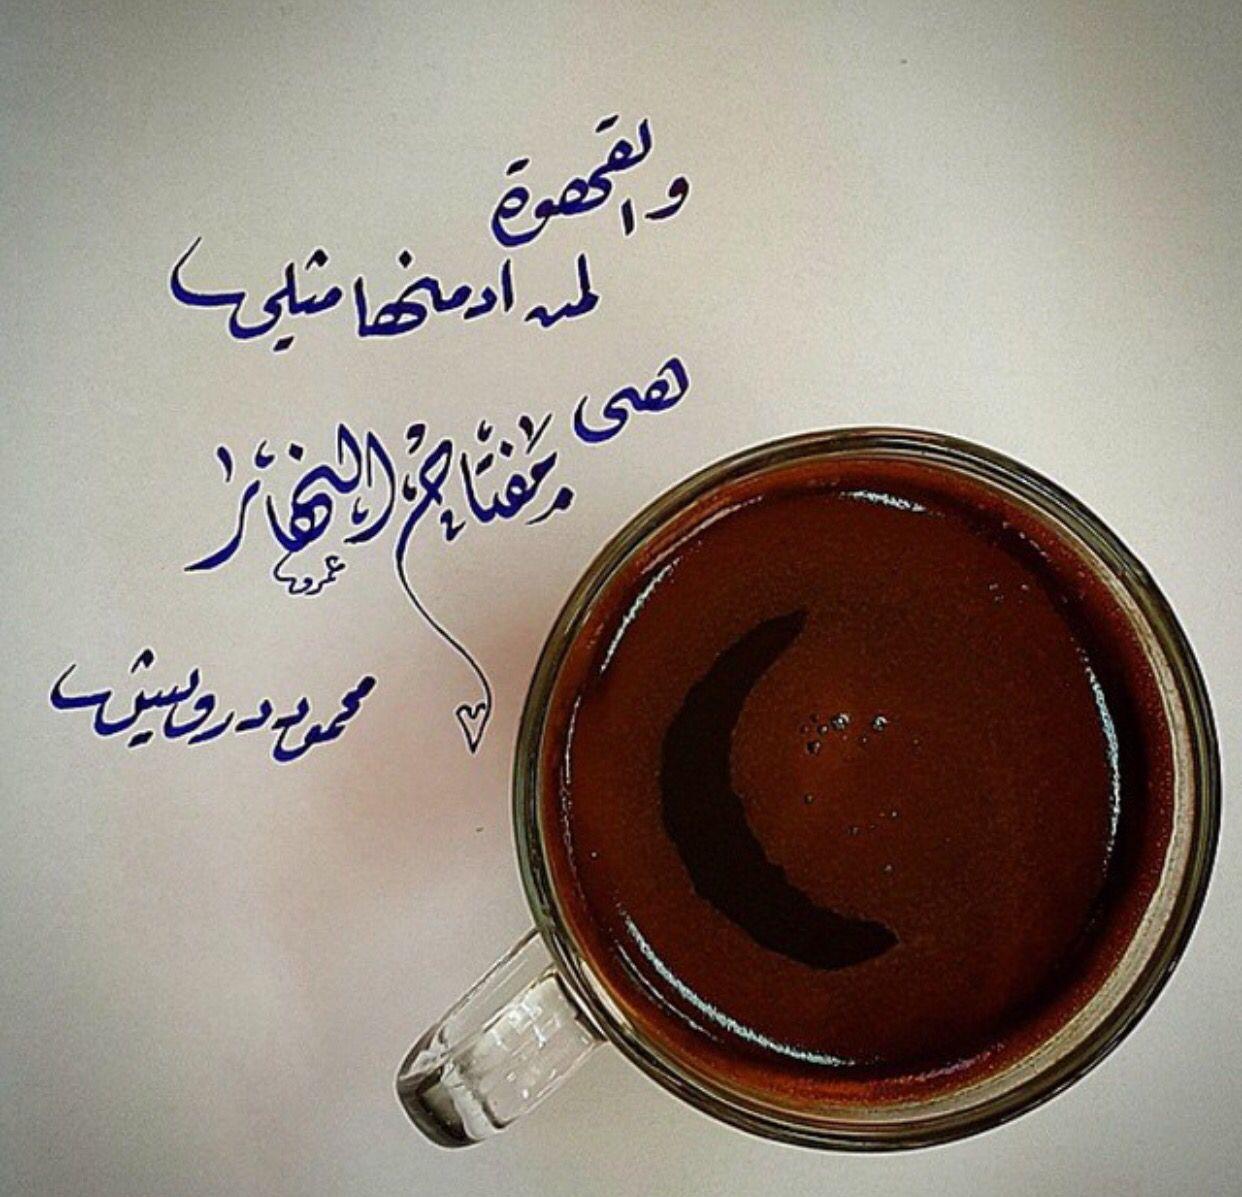 أعشق القهوة Coffee Drink Recipes Coffee Art Coffee Quotes